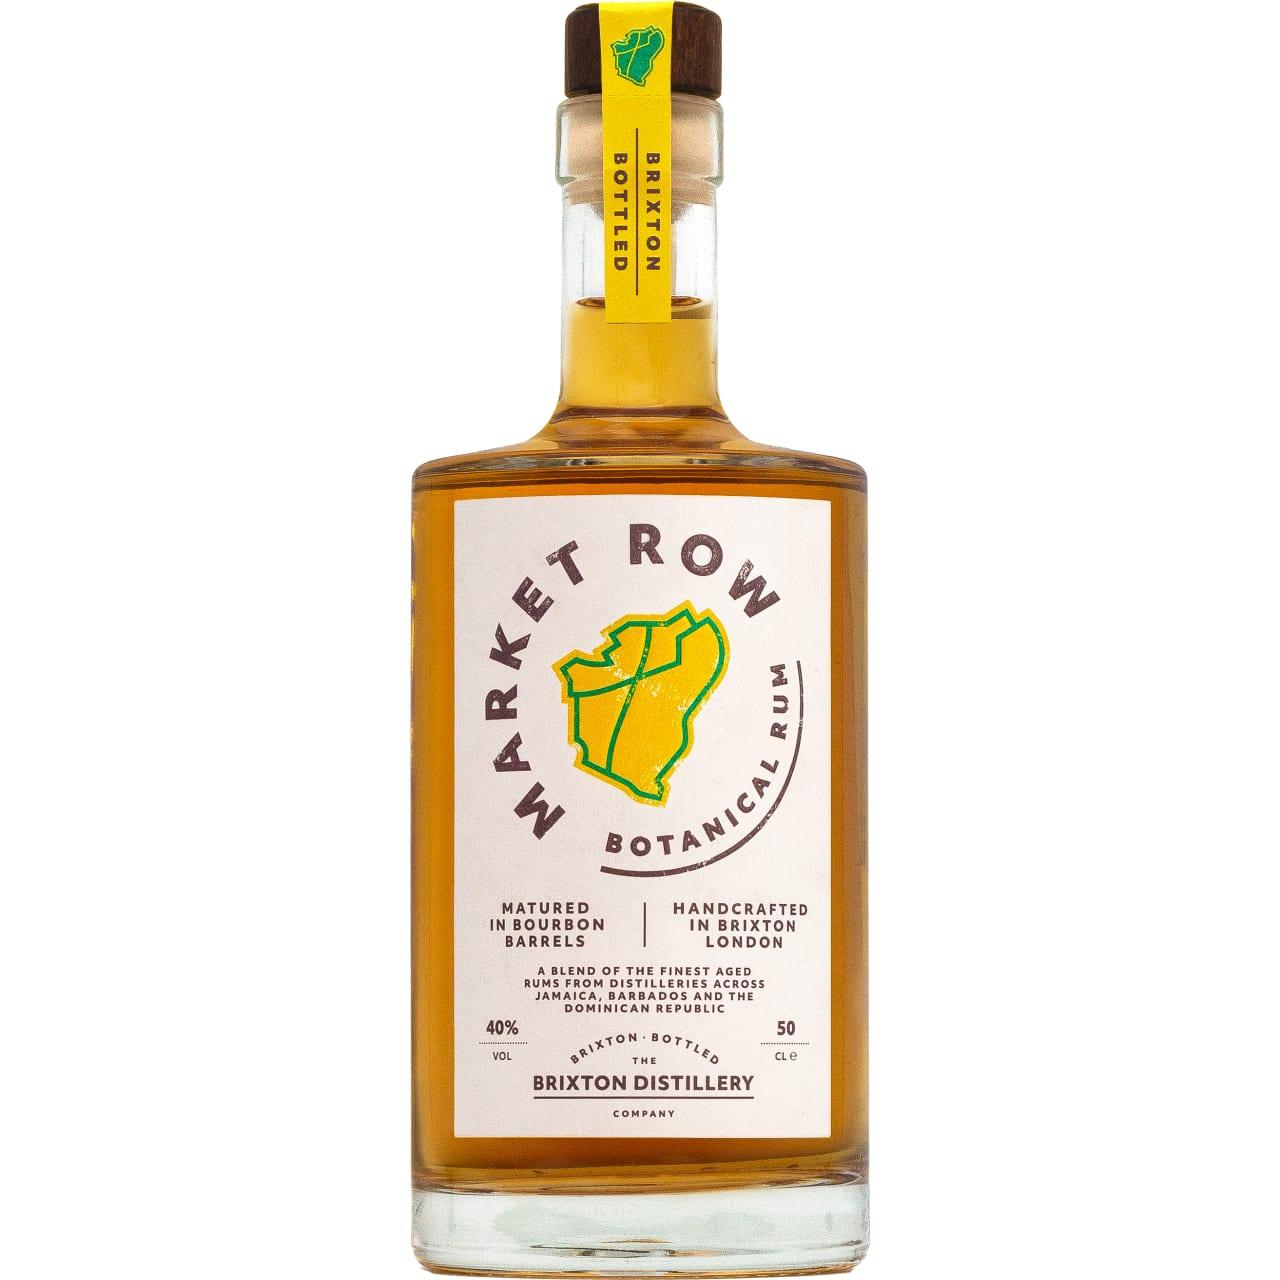 Product Image - Market Row Botanical Rum